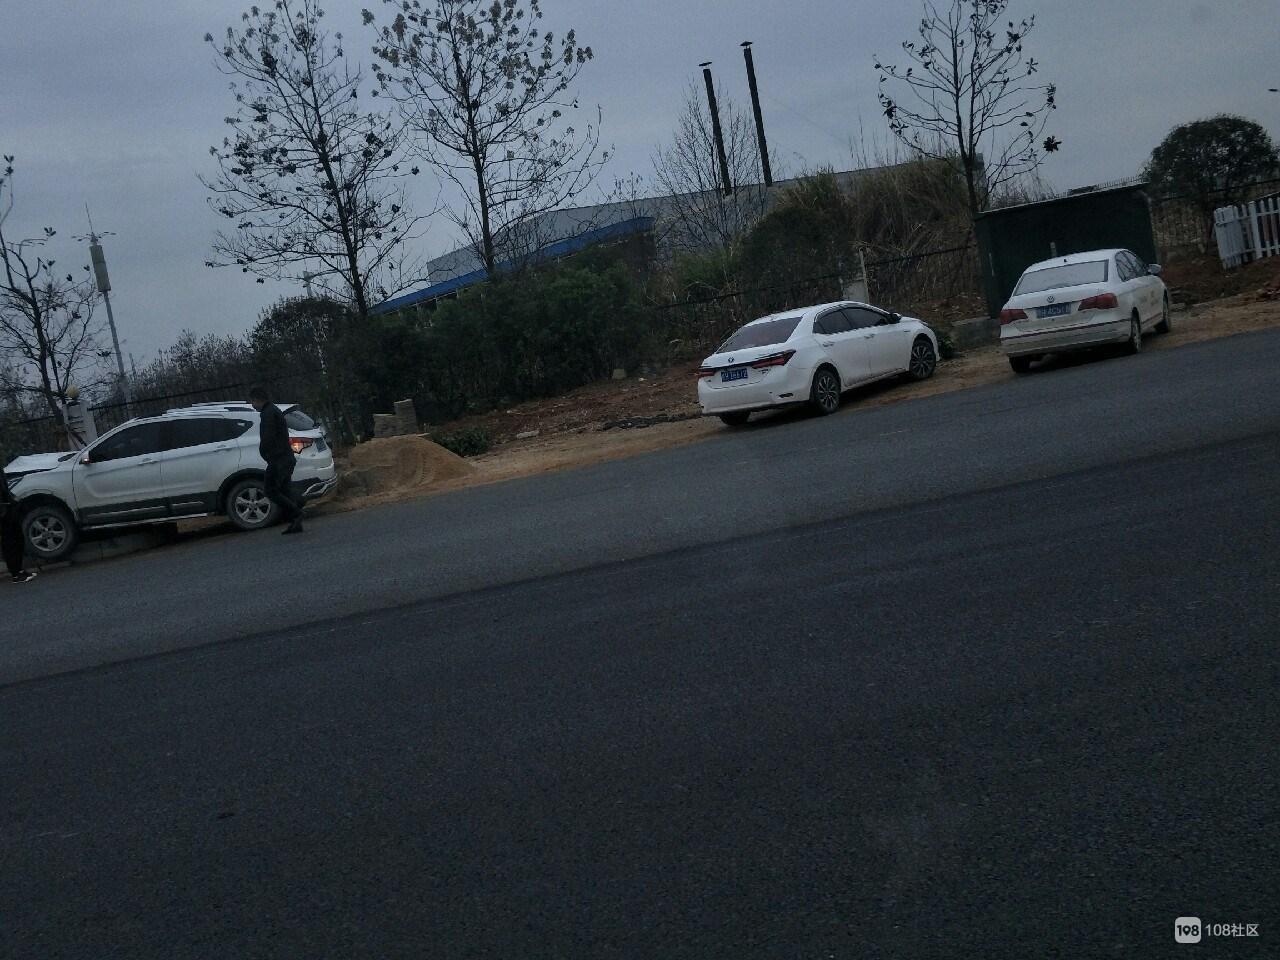 高新区一白色轿车冲上花坛!直接撞倒指示牌 车头裂了